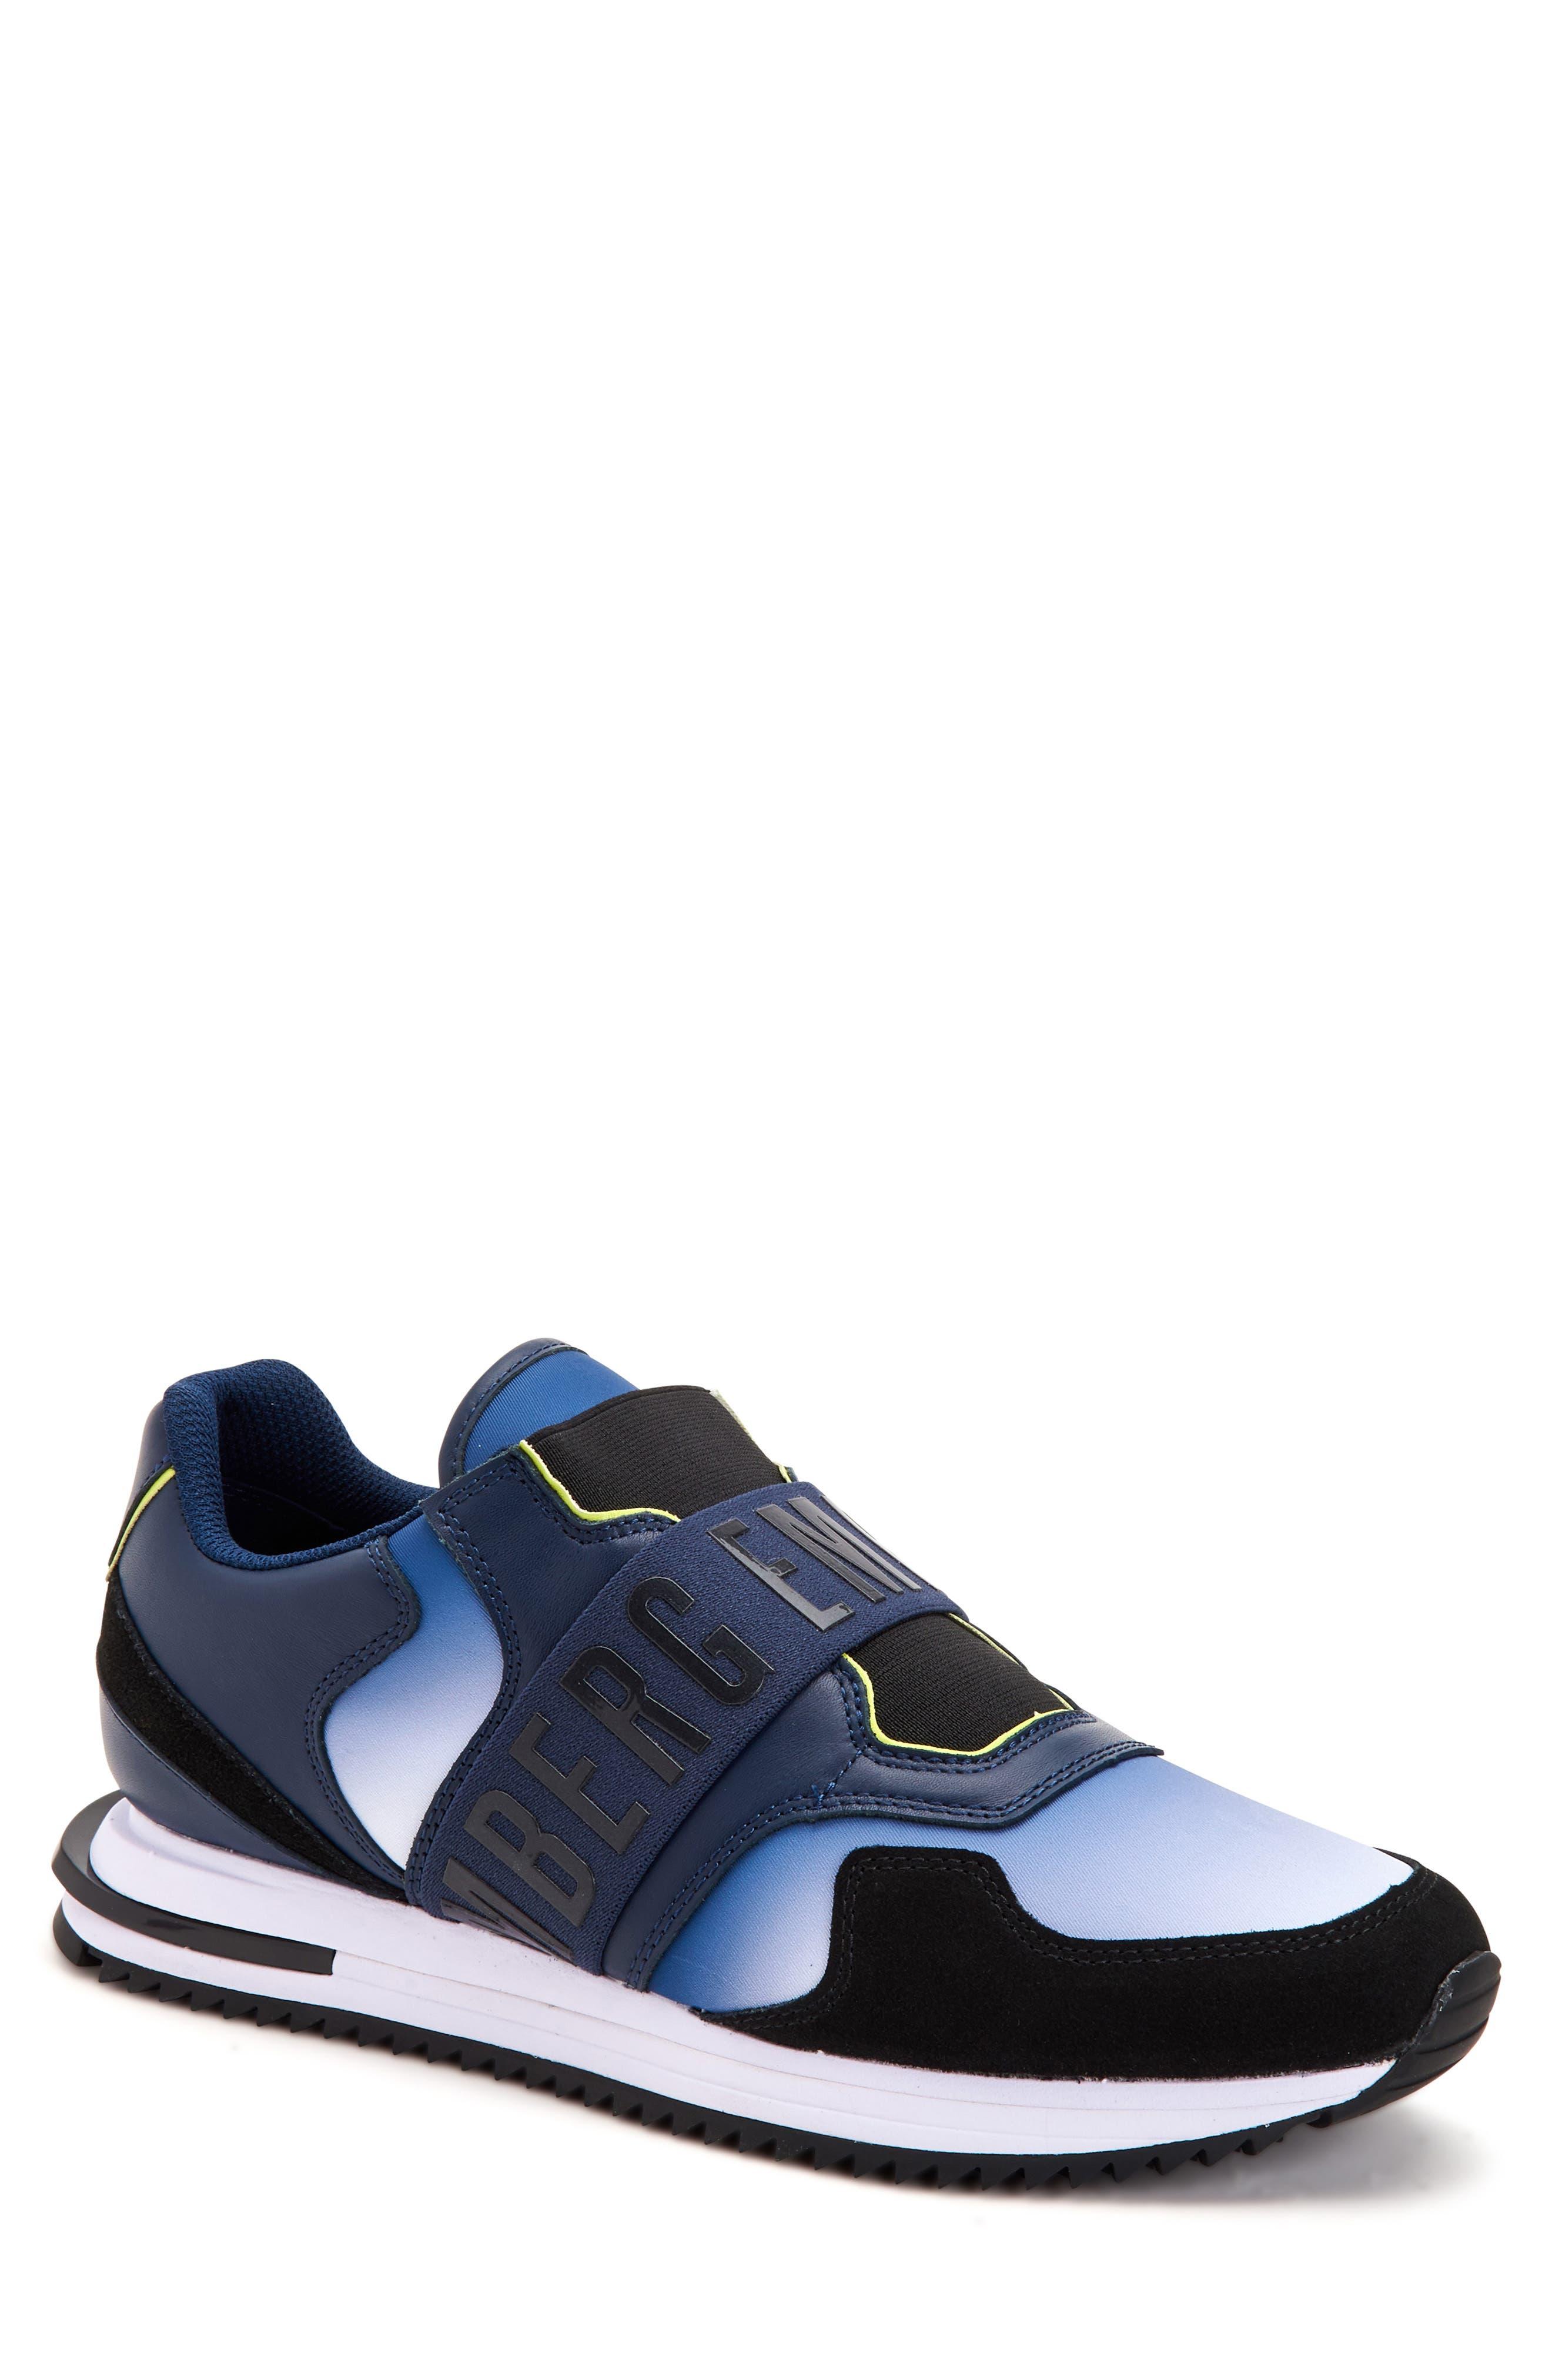 Haled Slip-On Sneaker